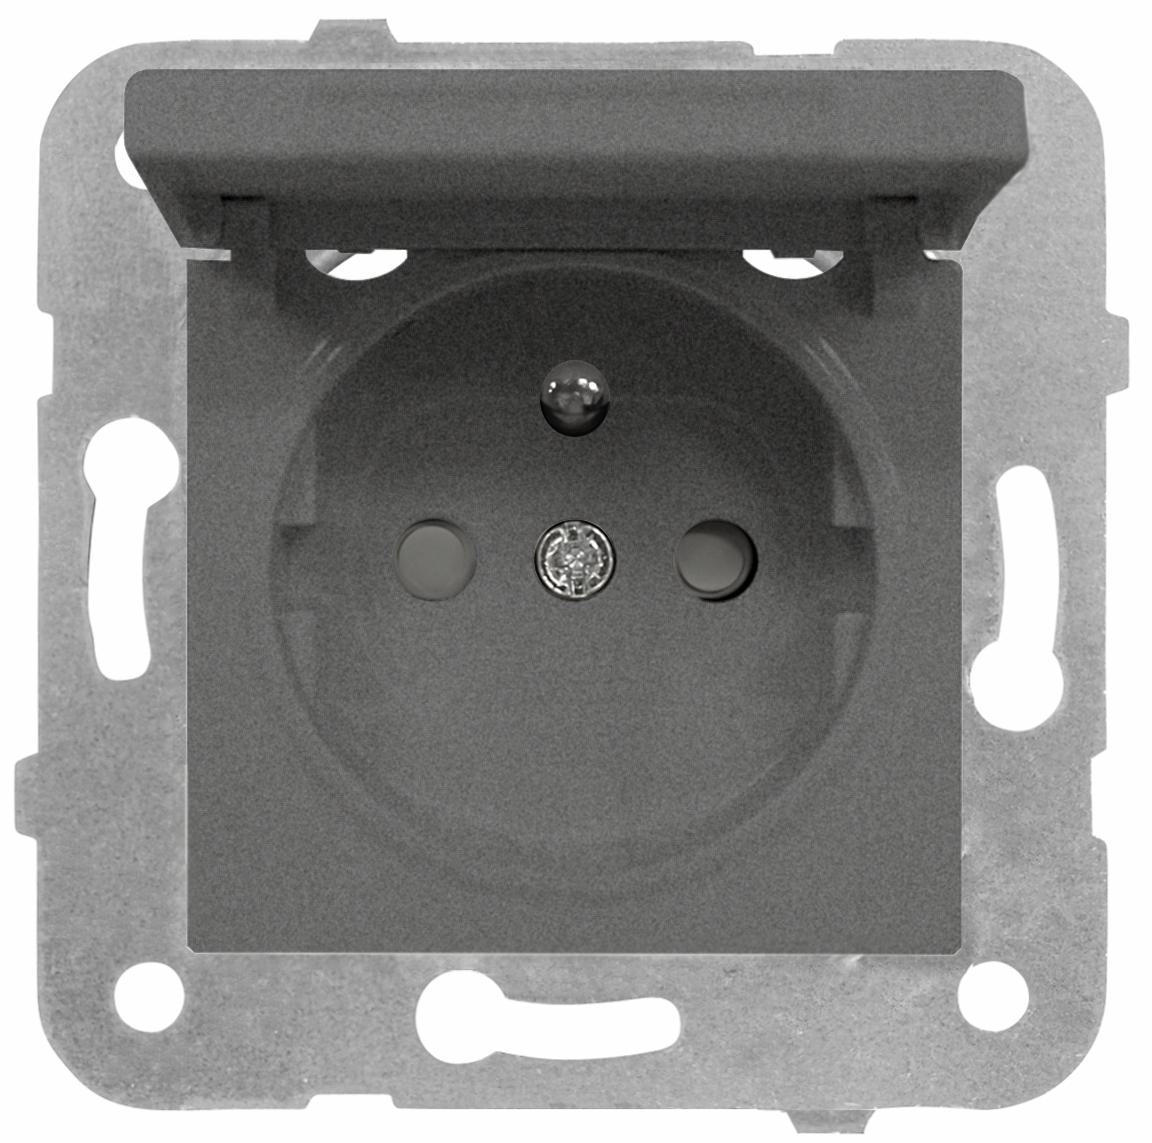 1 Stk Steckdose Erdstift, erhöhter Berührungsschutz, Klappdeckel EV111053--